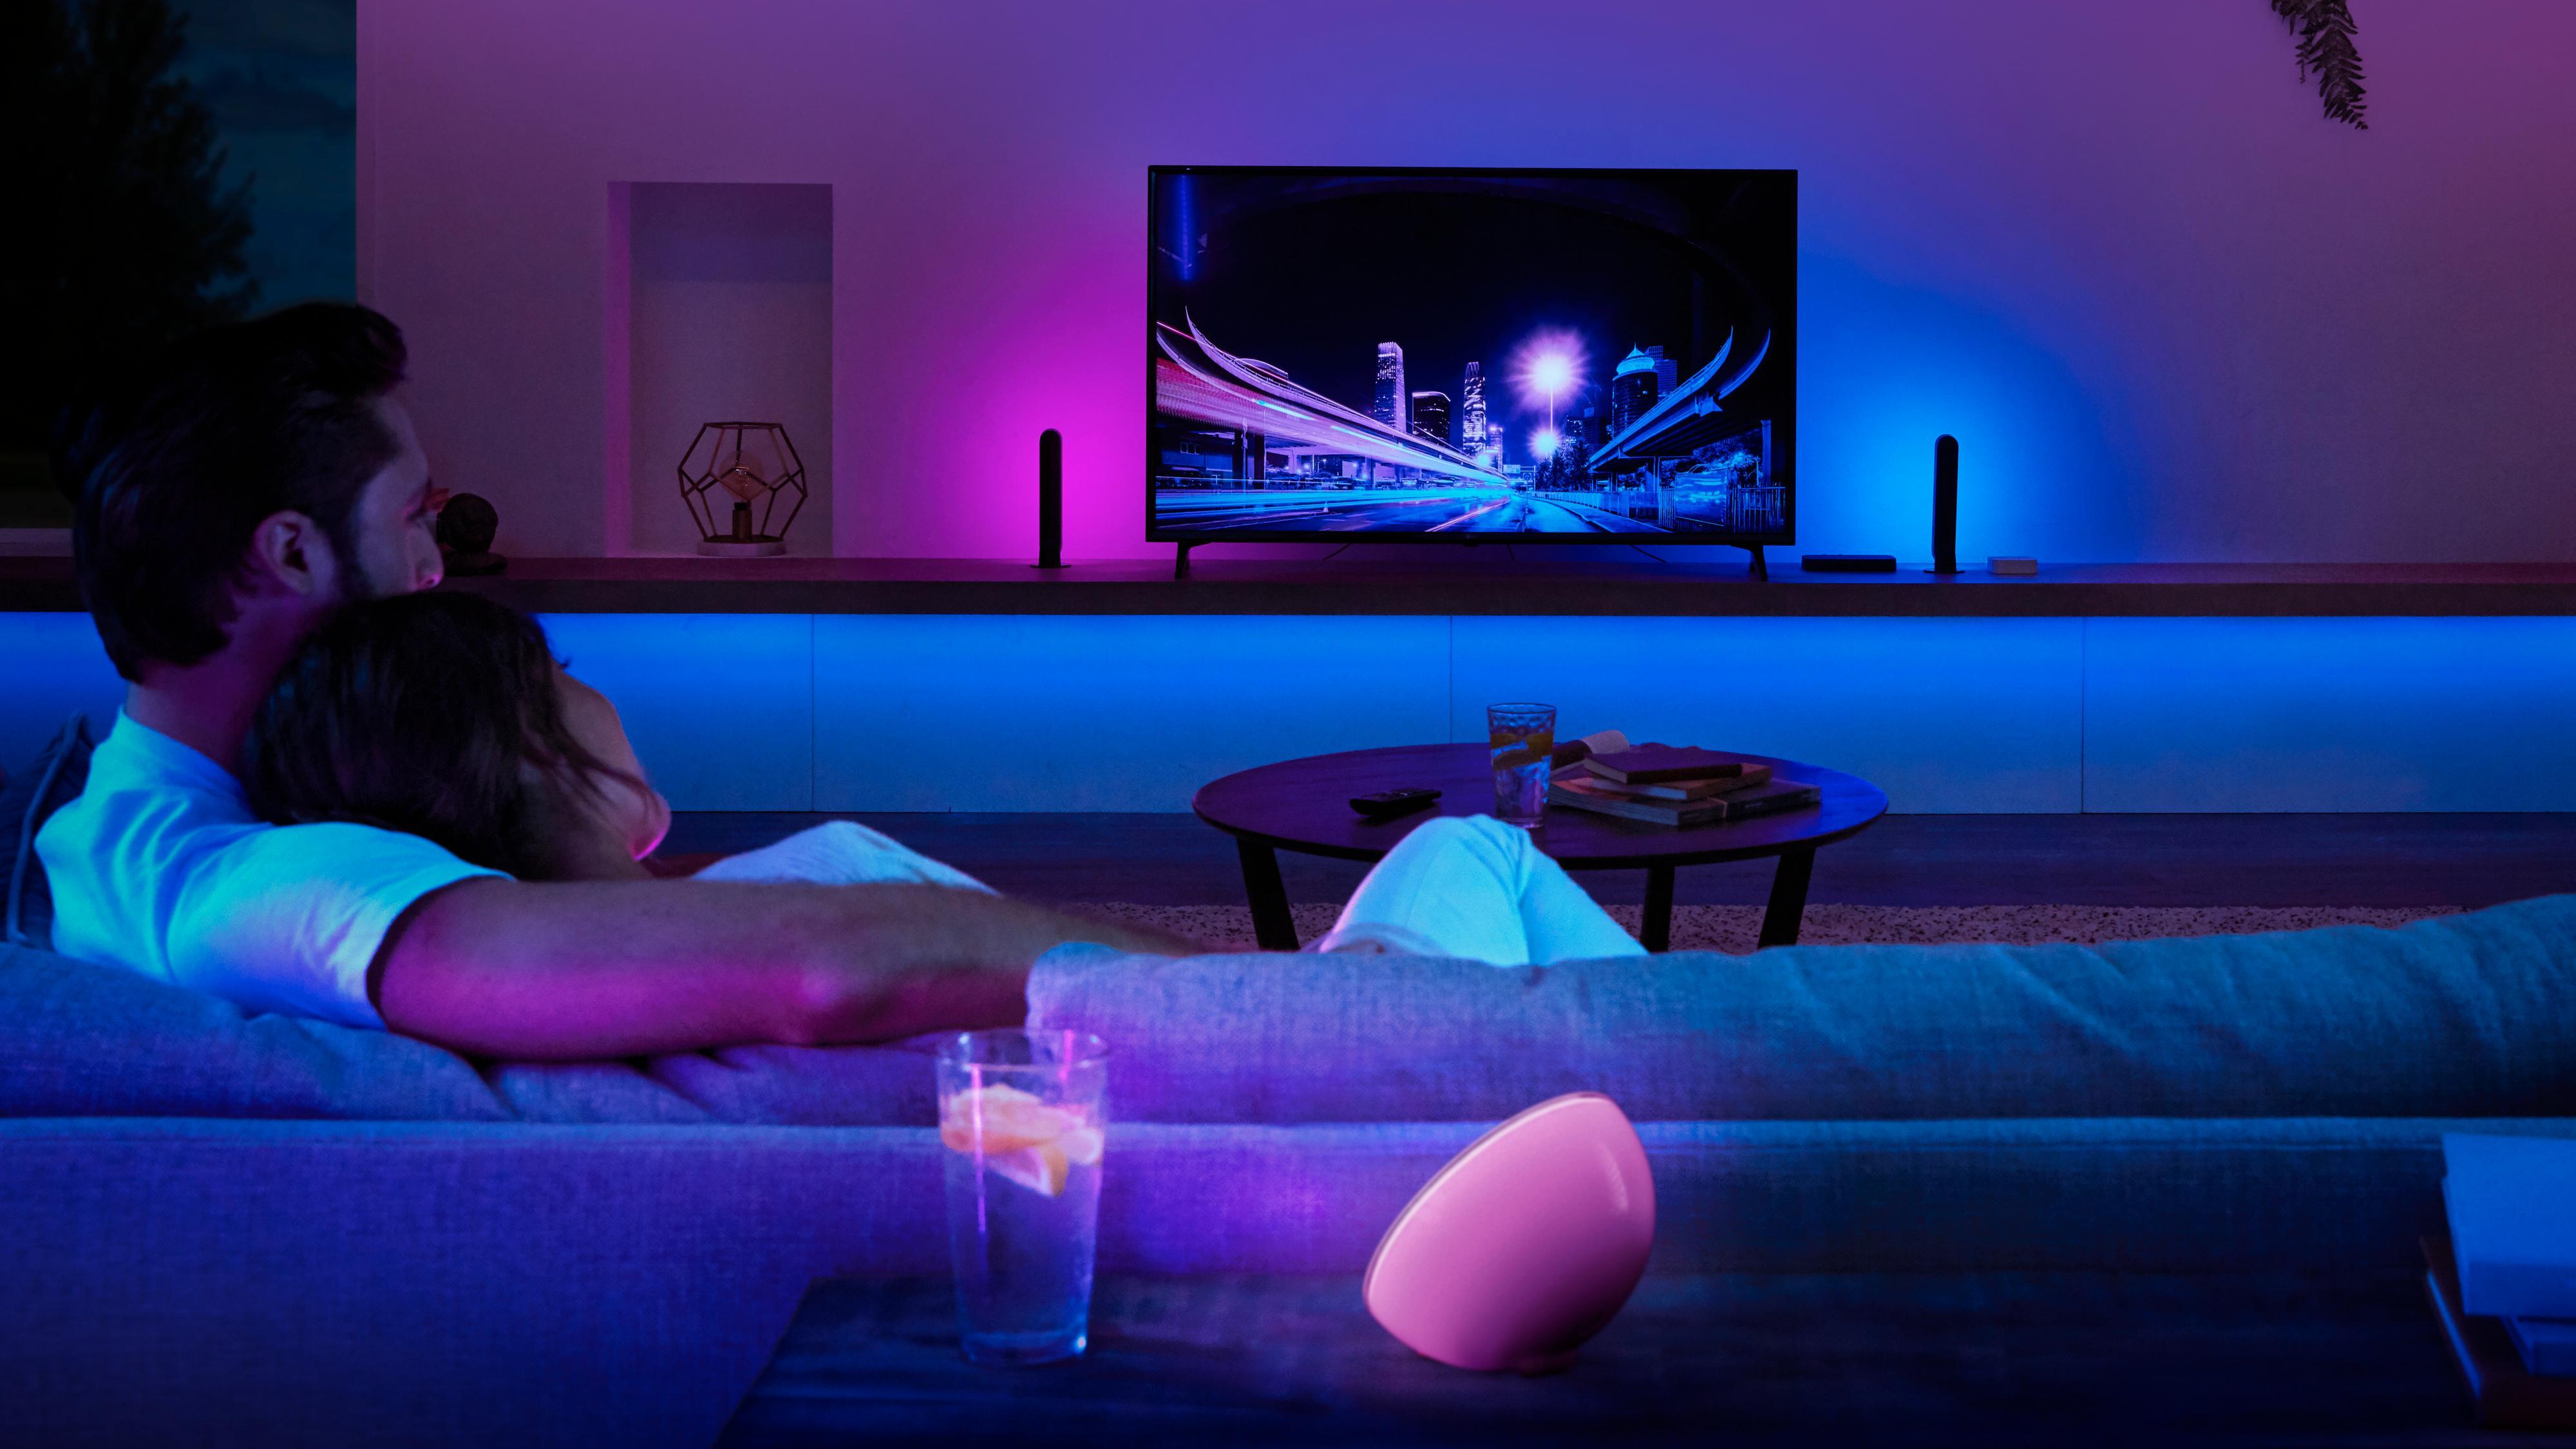 Philips' nye Hue-boks kan få lysene dine til å blinke i takt med TV-en